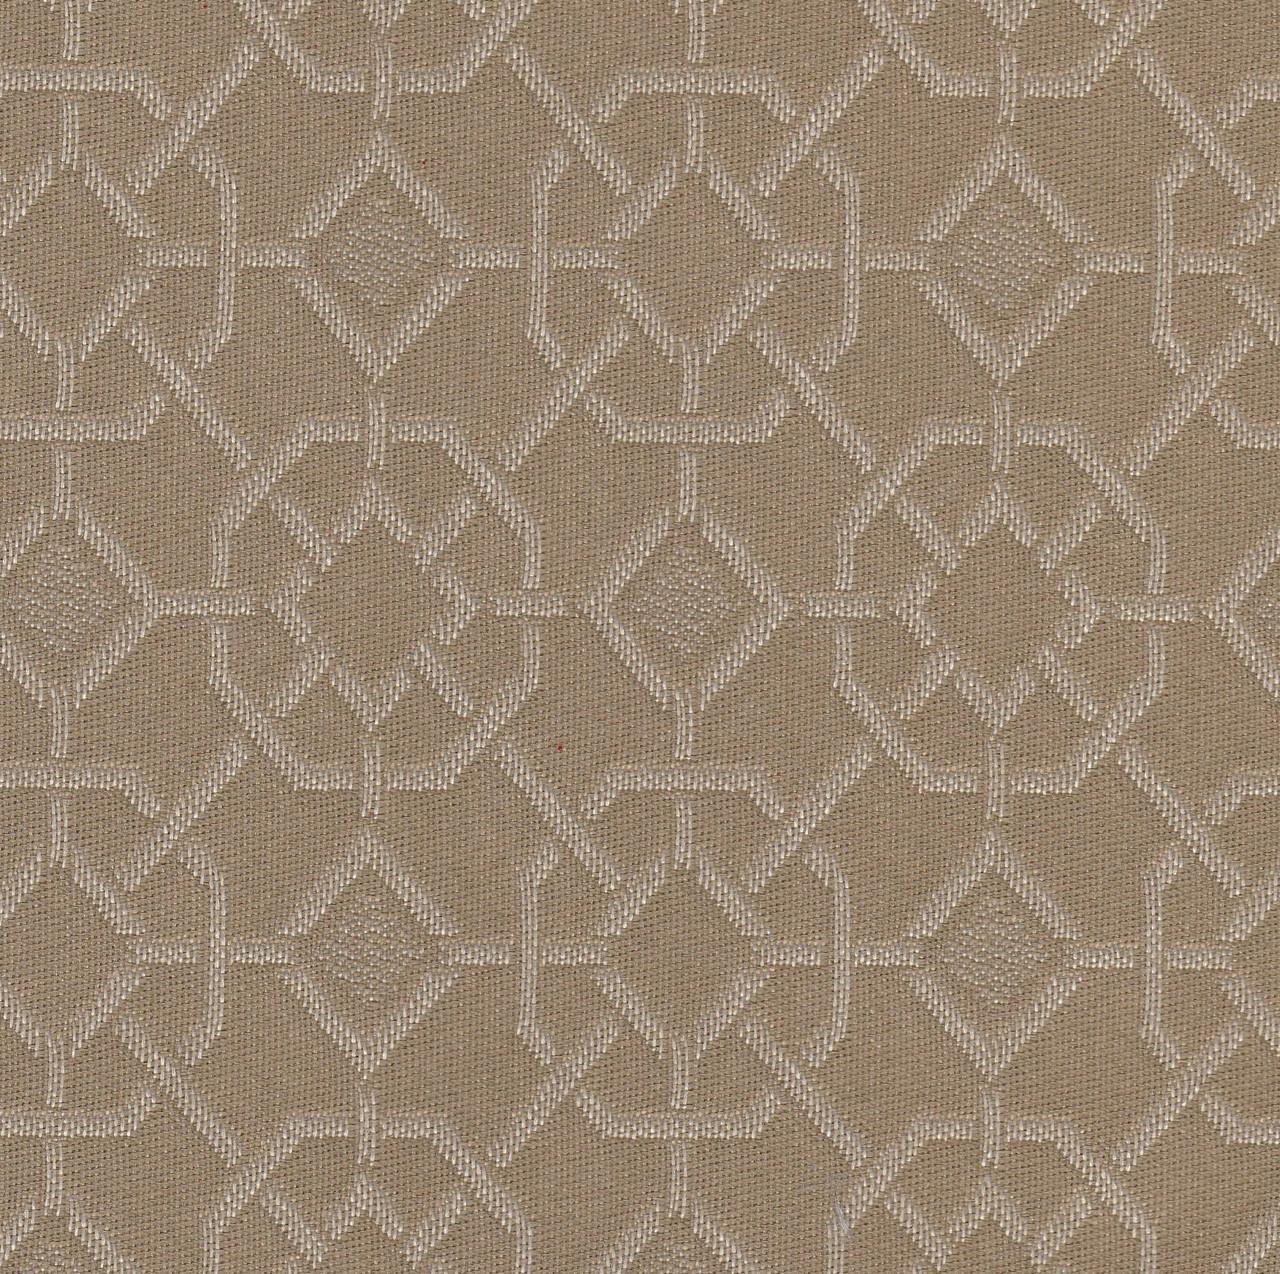 Lattice - Sandstone